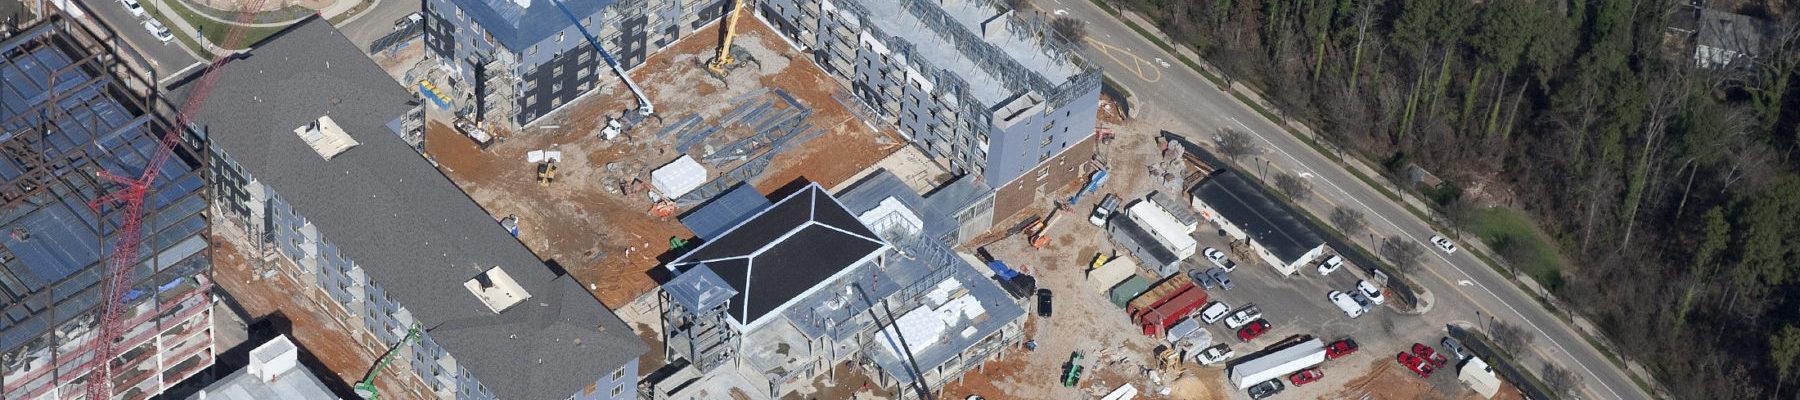 The Cardinal Construction